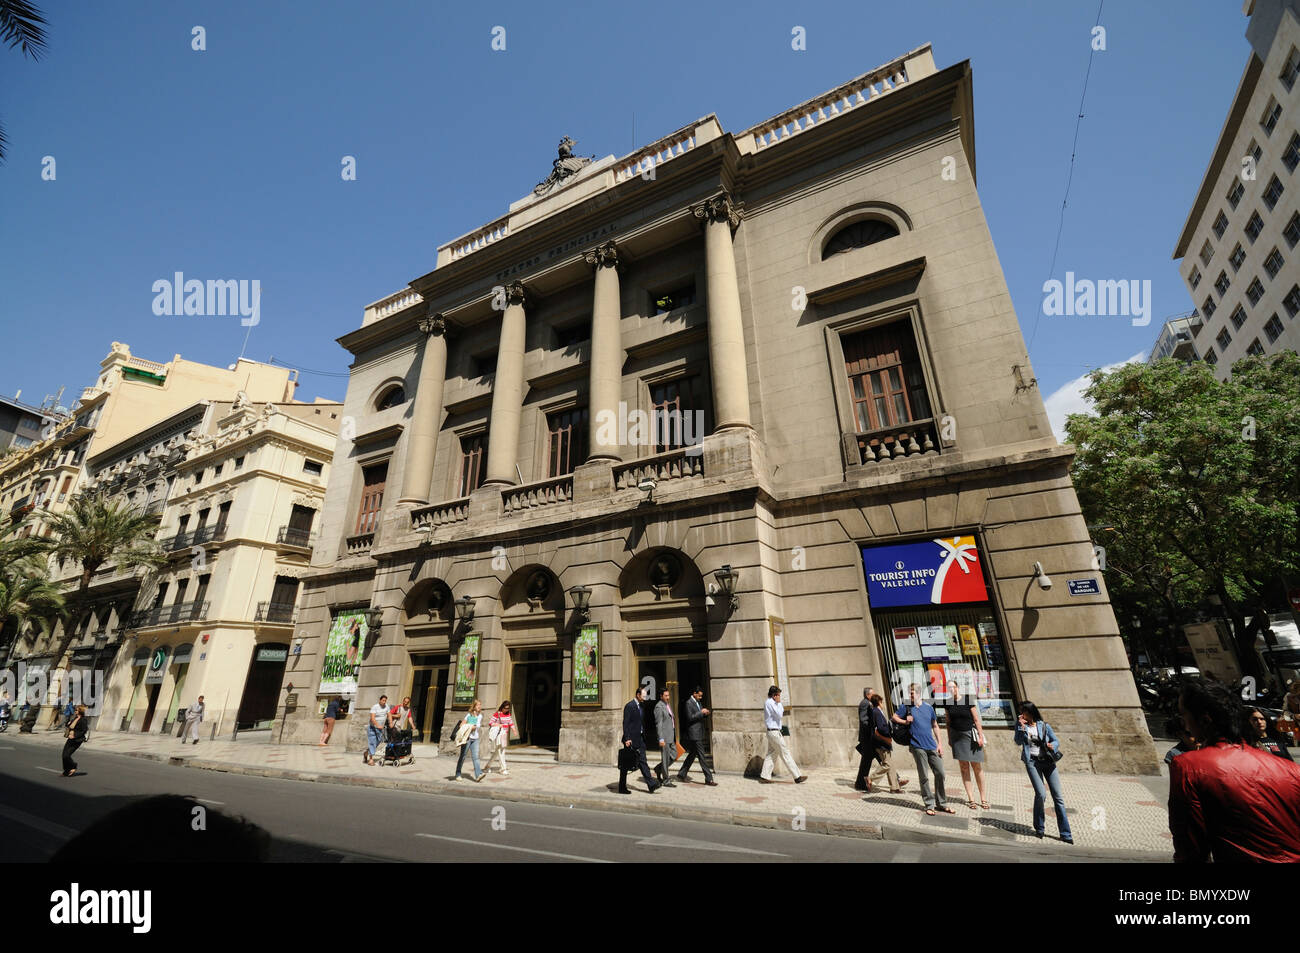 Barcas street im genes de stock barcas street fotos de for Teatro principal valencia